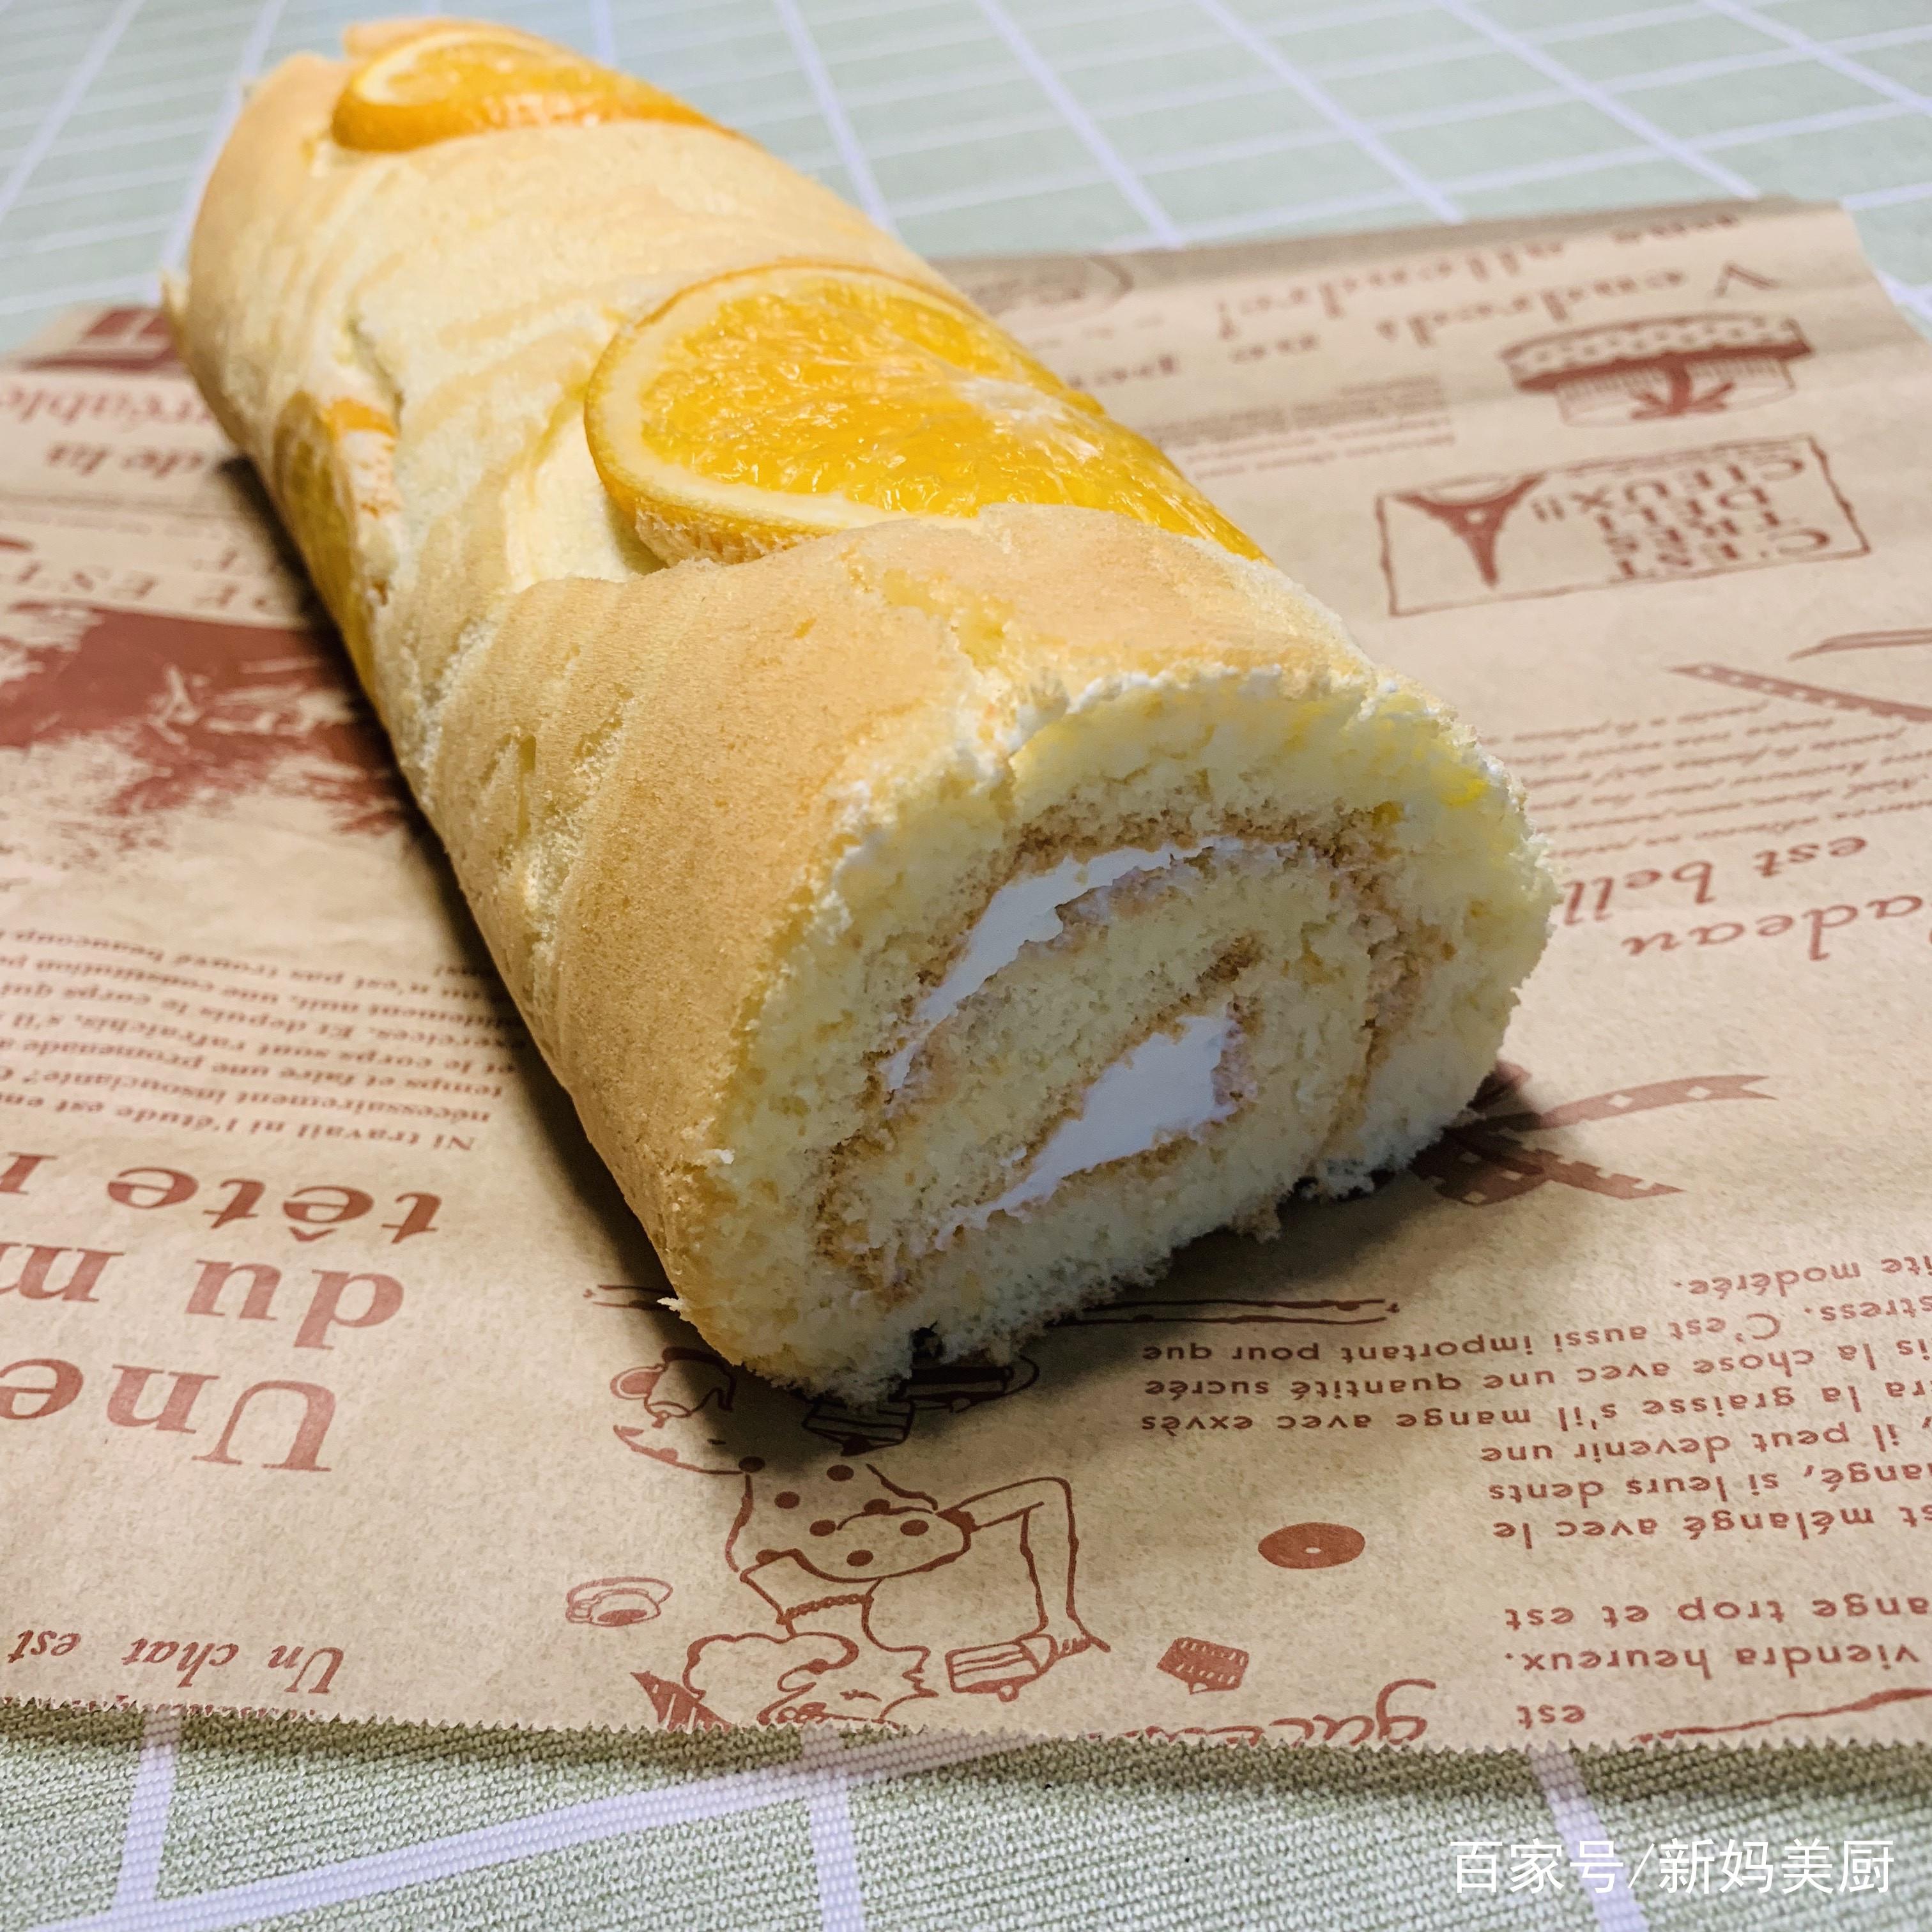 用黄澄澄的橙子给孩子做一道香橙蛋糕卷